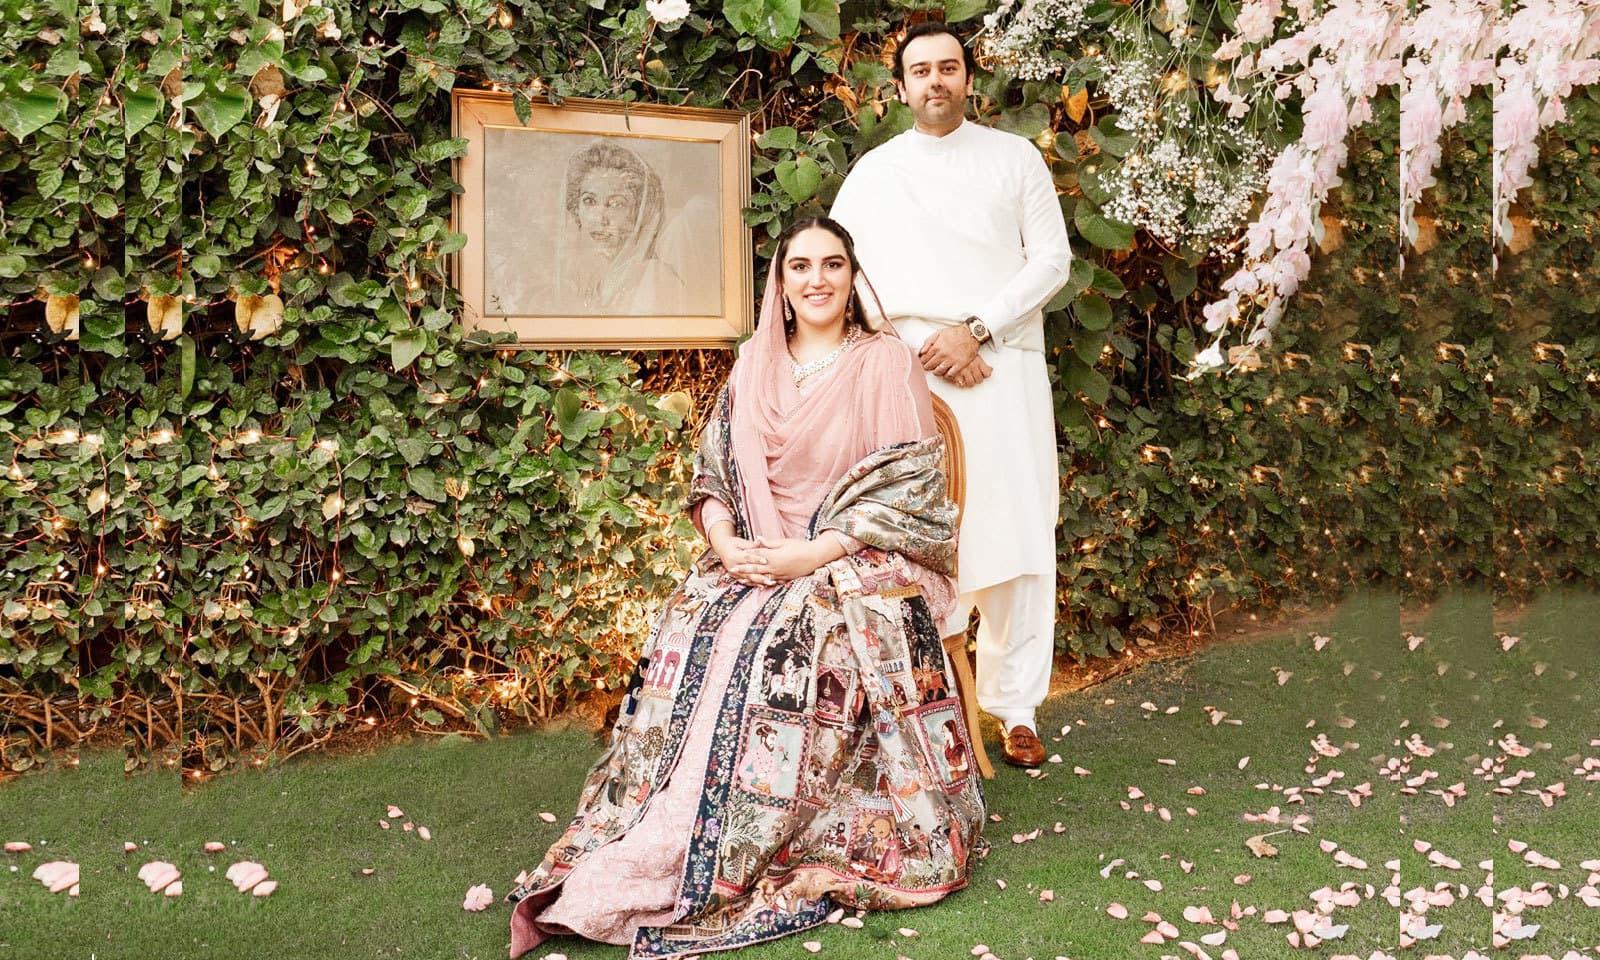 بختاور اور محمود چوہدری کی منگنی 27 نومبر 2020 کو کراچی میں ہوئی تھی—فوٹو: انسٹاگرام